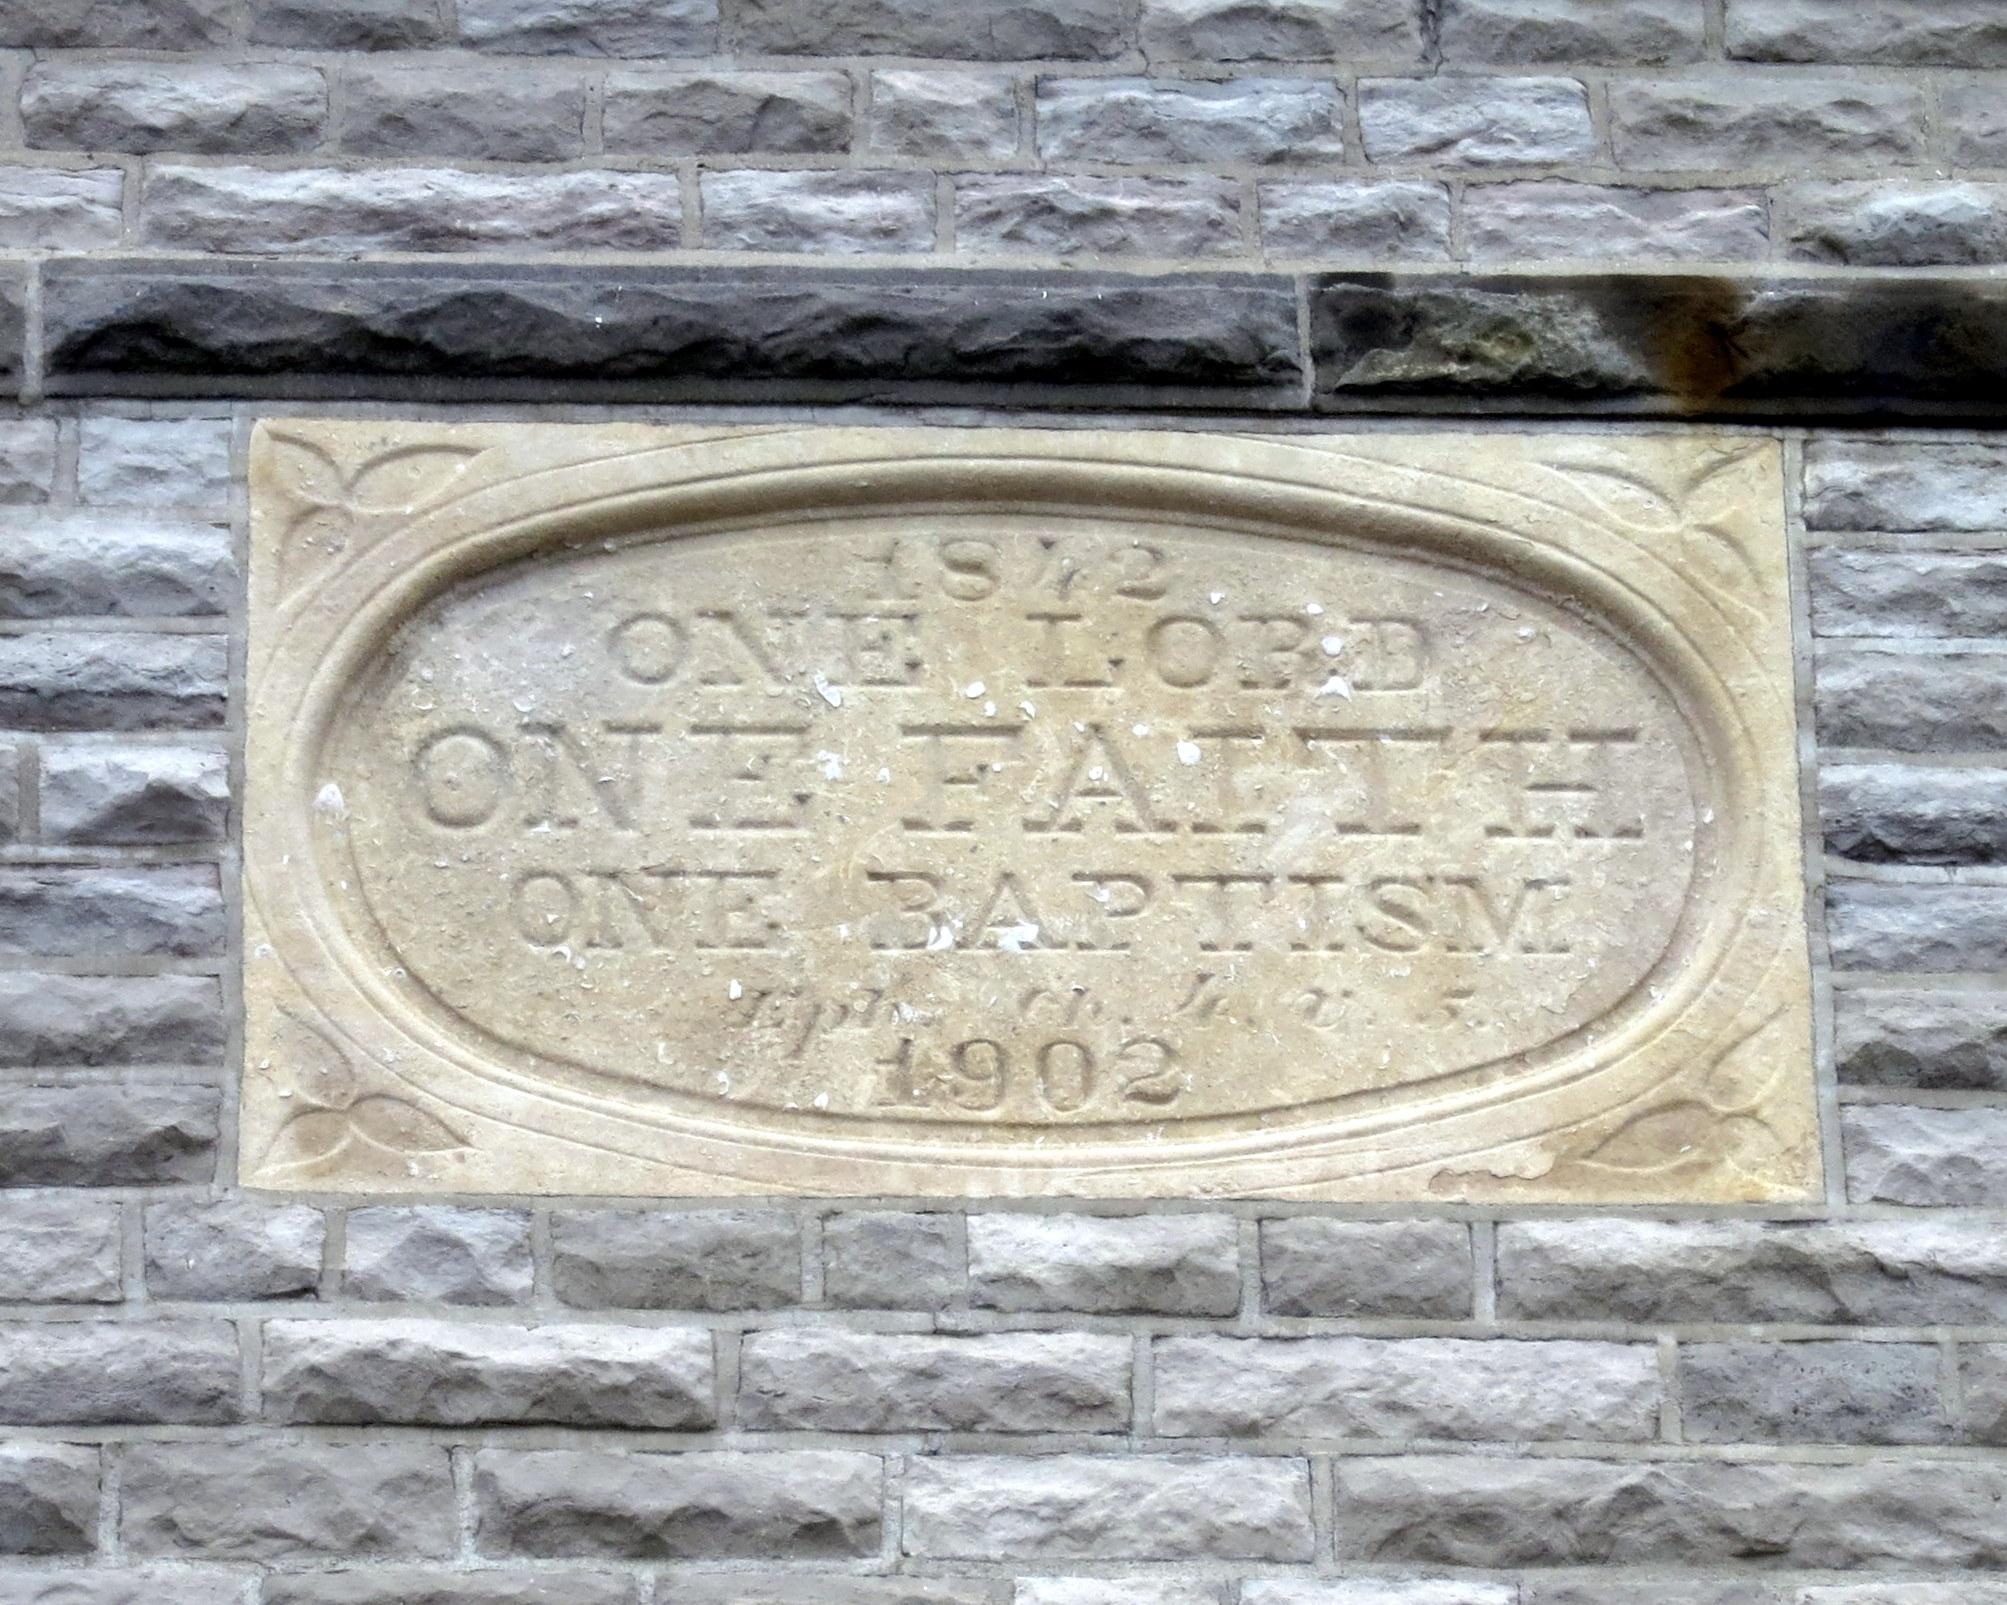 File:Holy Angels Catholic Church (Sandusky, Ohio) - One Lord